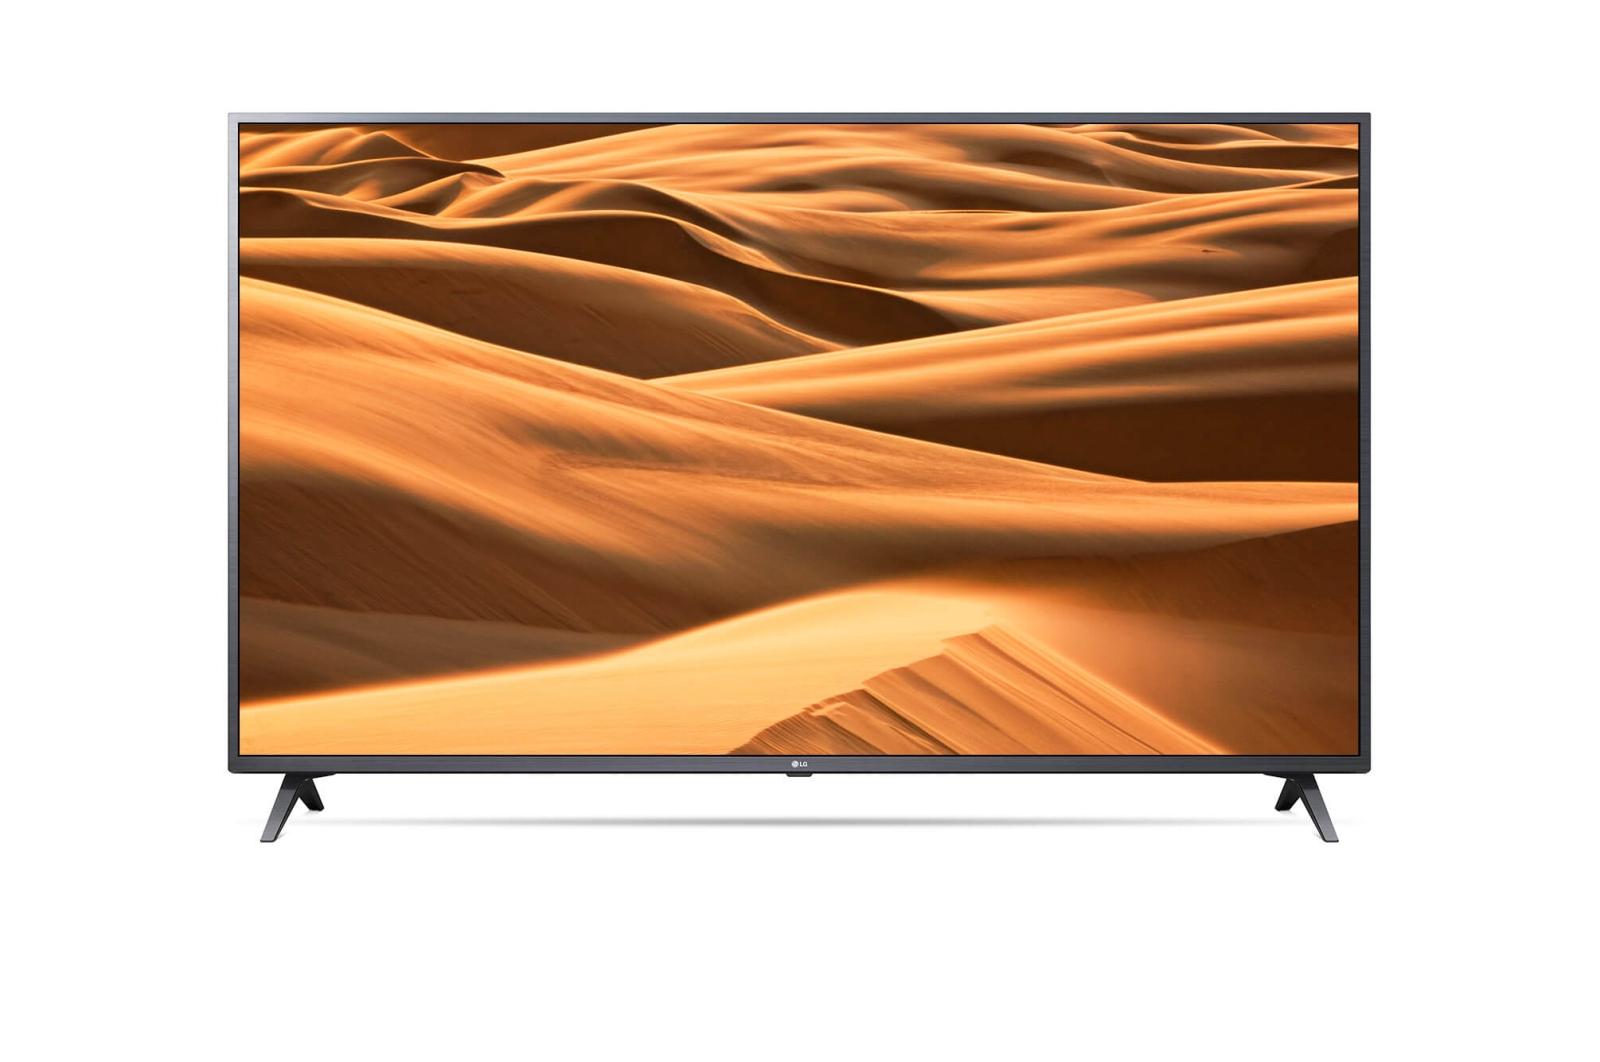 LED Телевизор 4K Ultra HD LG 65UM7300PLB фото